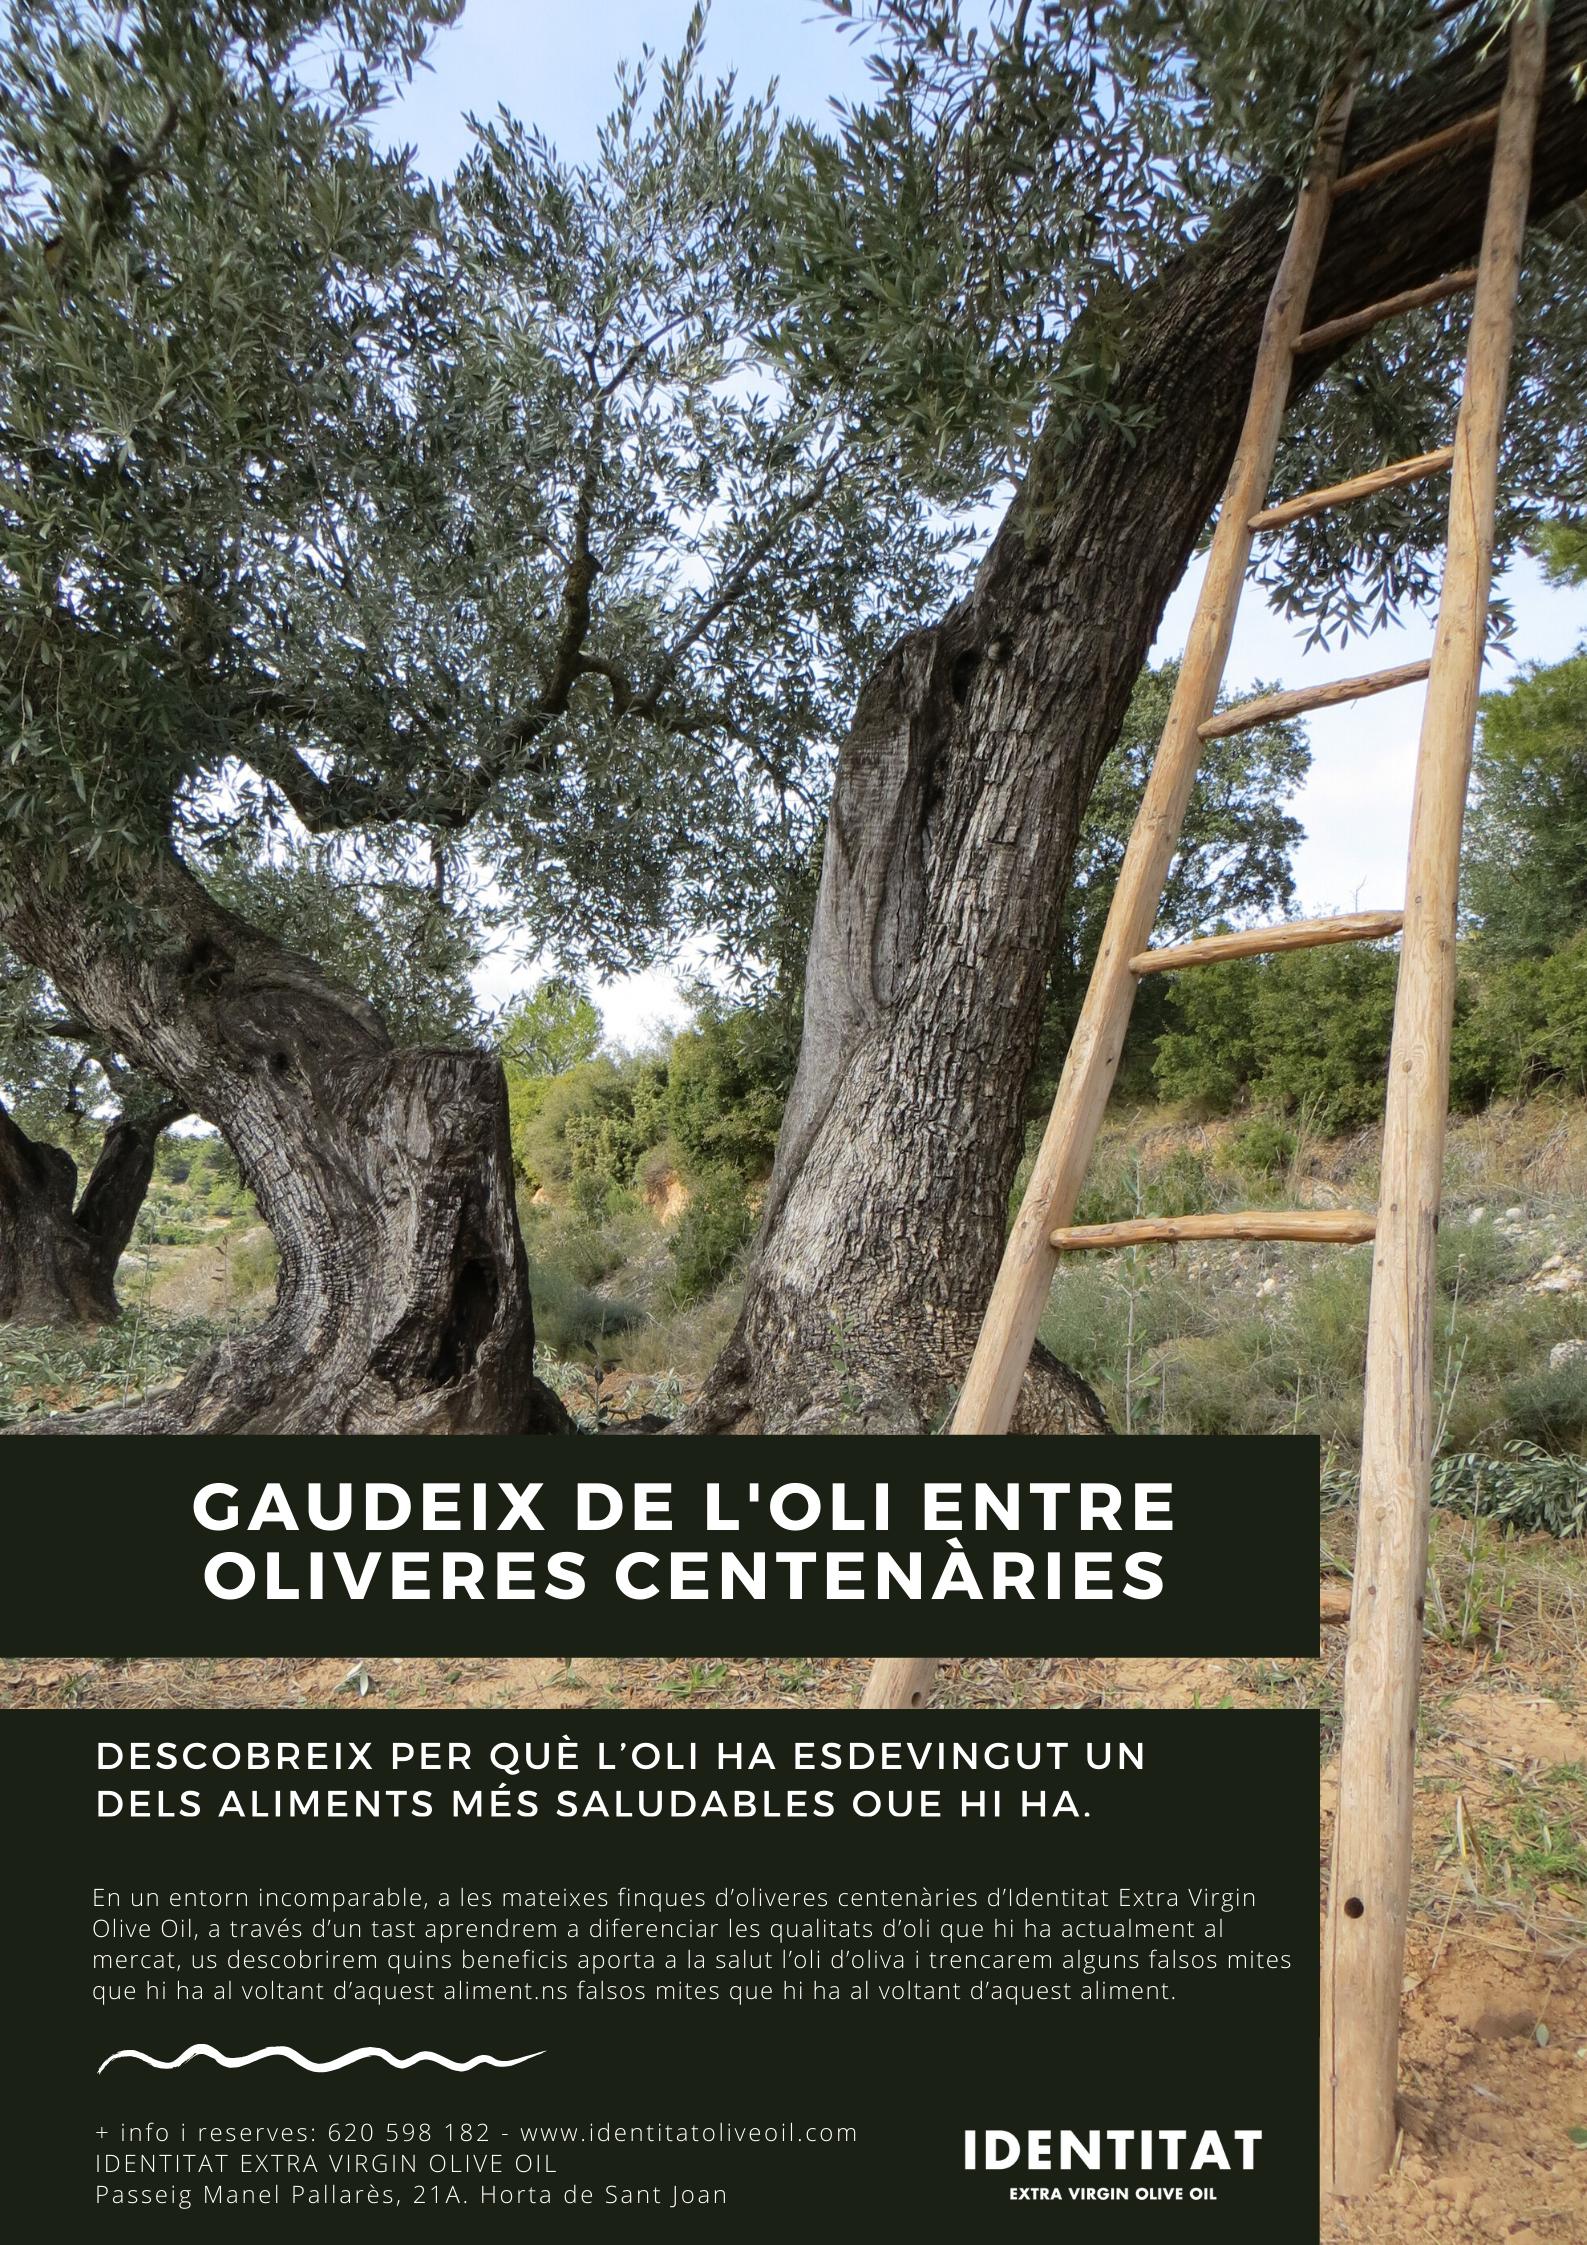 Gaudeix oli oliveres